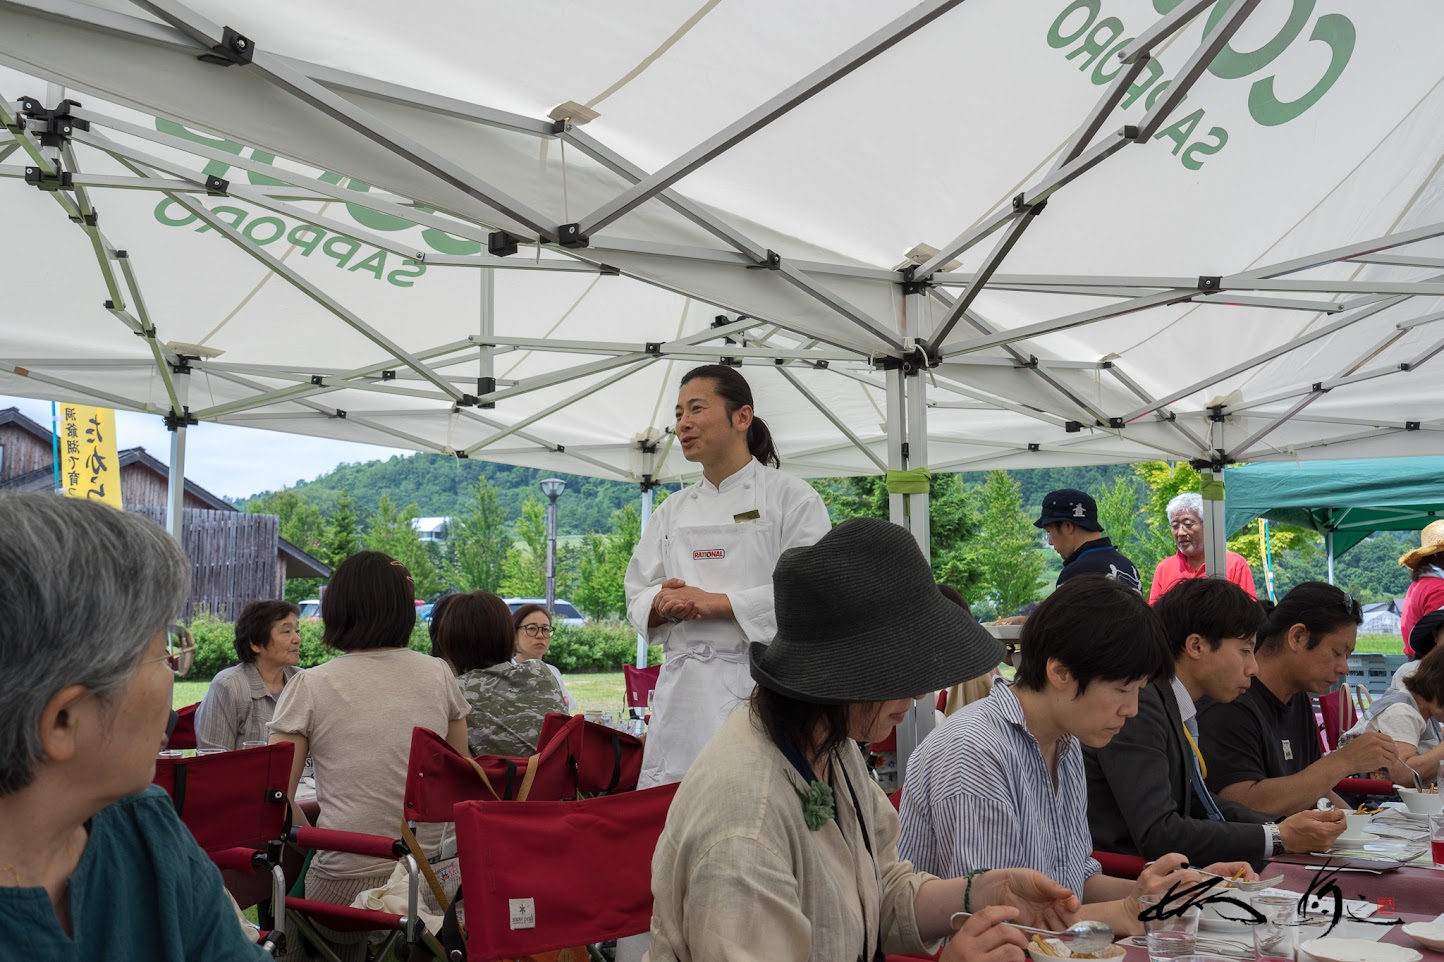 宮の森ミュージアムガーデン(札幌市)の田口智也総料理長。